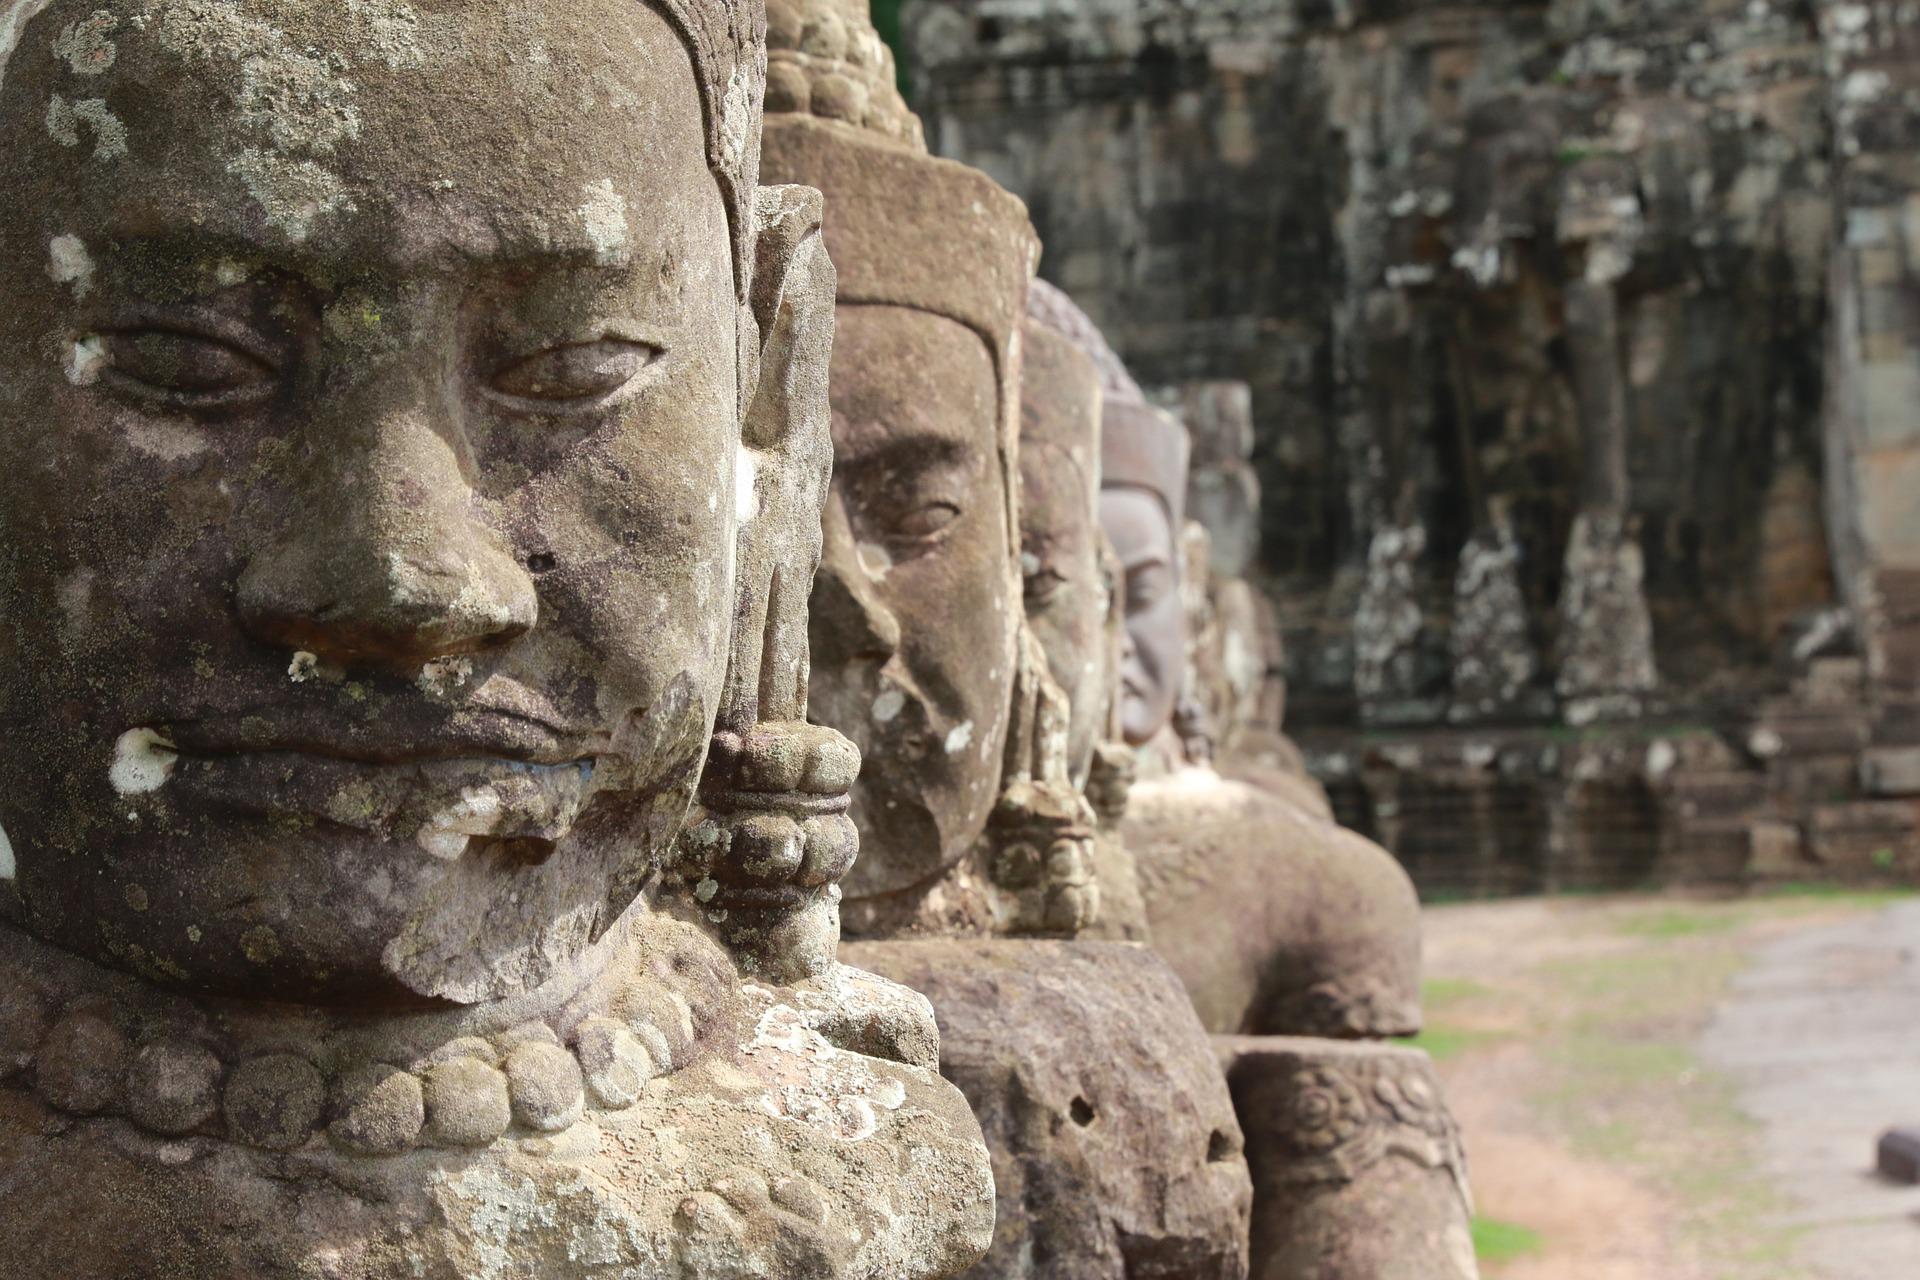 Καμπότζη, Angkor, γλυπτική, Ναός, Ασία - Wallpapers HD - Professor-falken.com